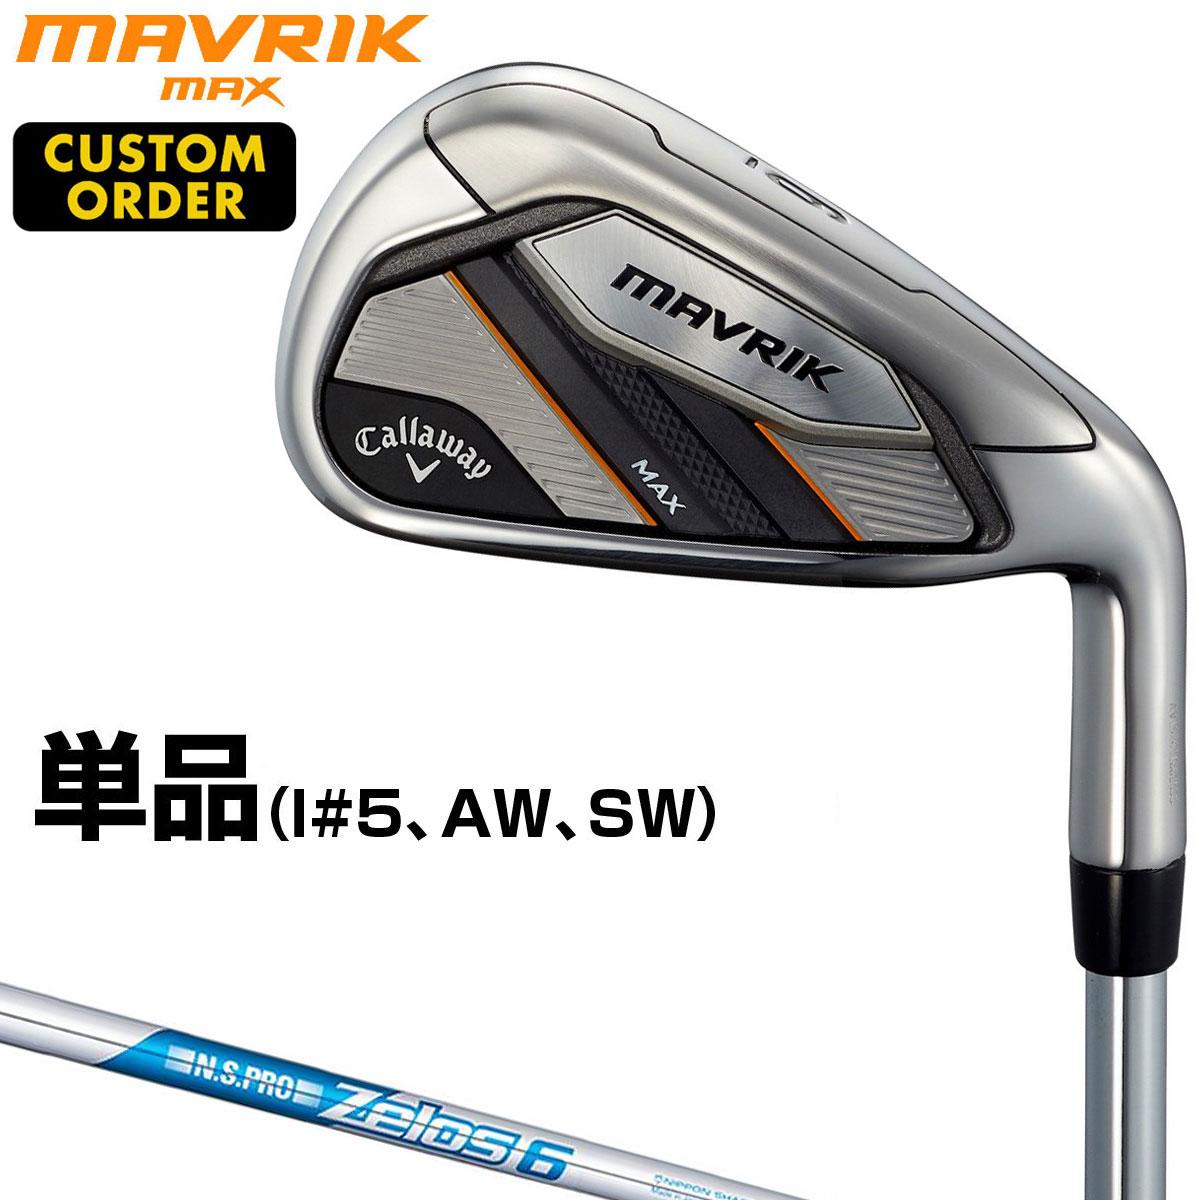 【カスタムクラブ】 Callaway(キャロウェイ)日本正規品 MAVRIK MAX(マーベリックマックス)アイアン 2020新製品 NSPRO Zelos6スチールシャフト 単品(I#5、AW、SW)